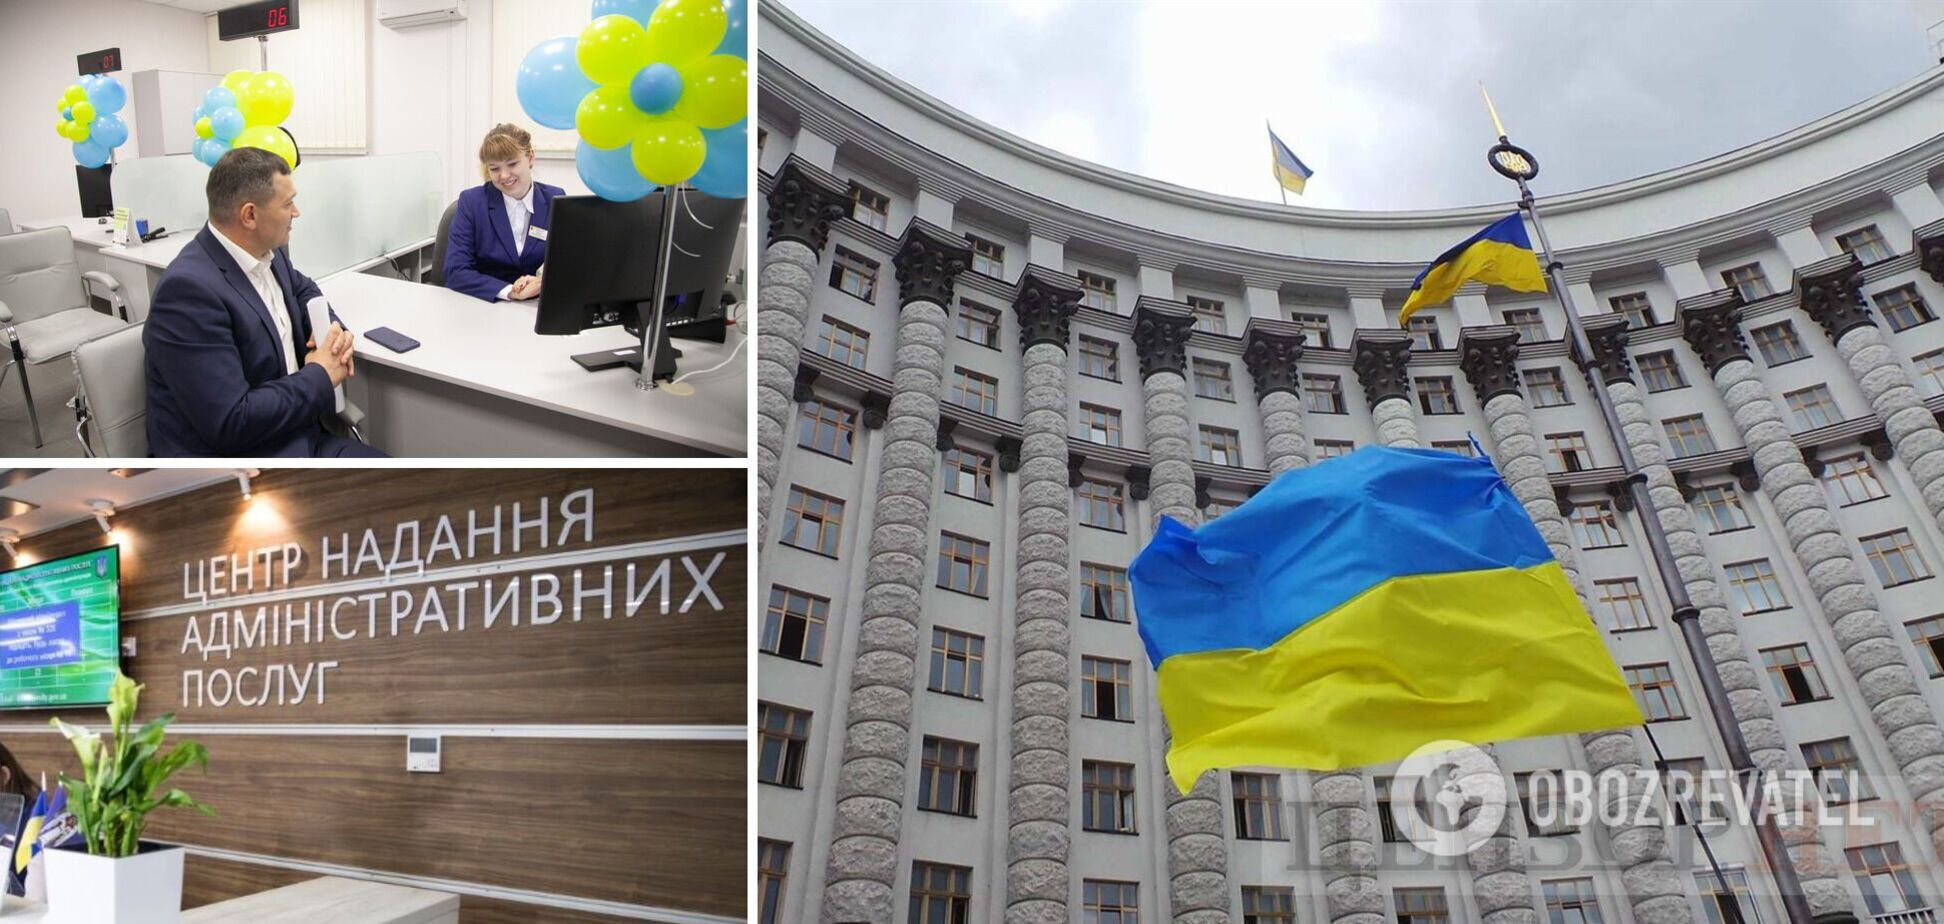 Кабмін погодив нове професійне свято в Україні